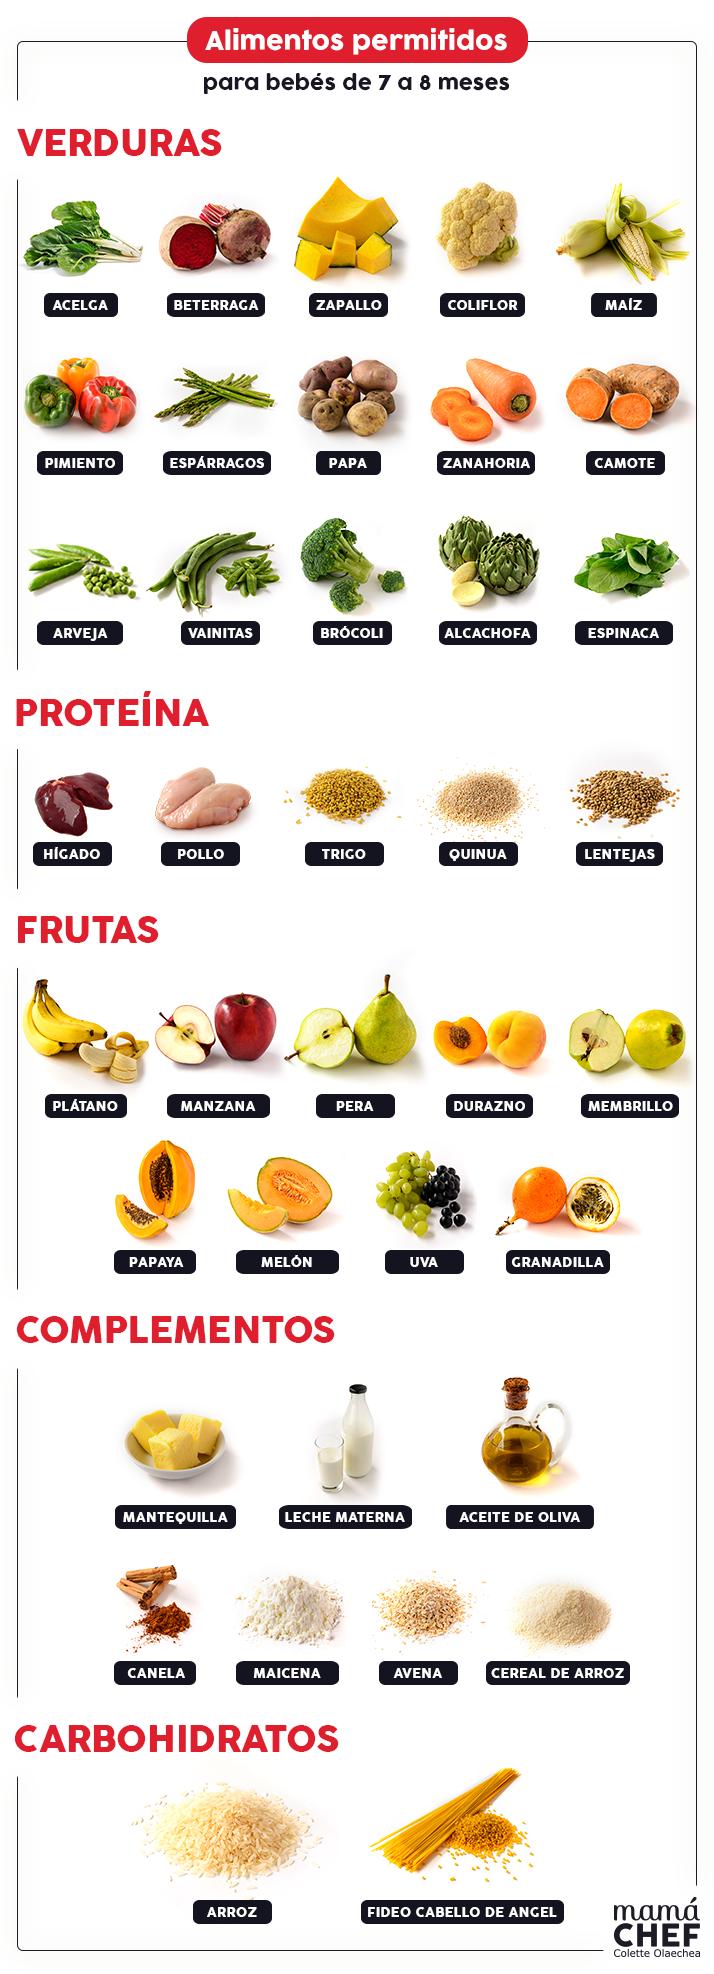 Recetas Para Bebés De 7 A 8 Meses Un Menú Completo Blog El Comercio Perú